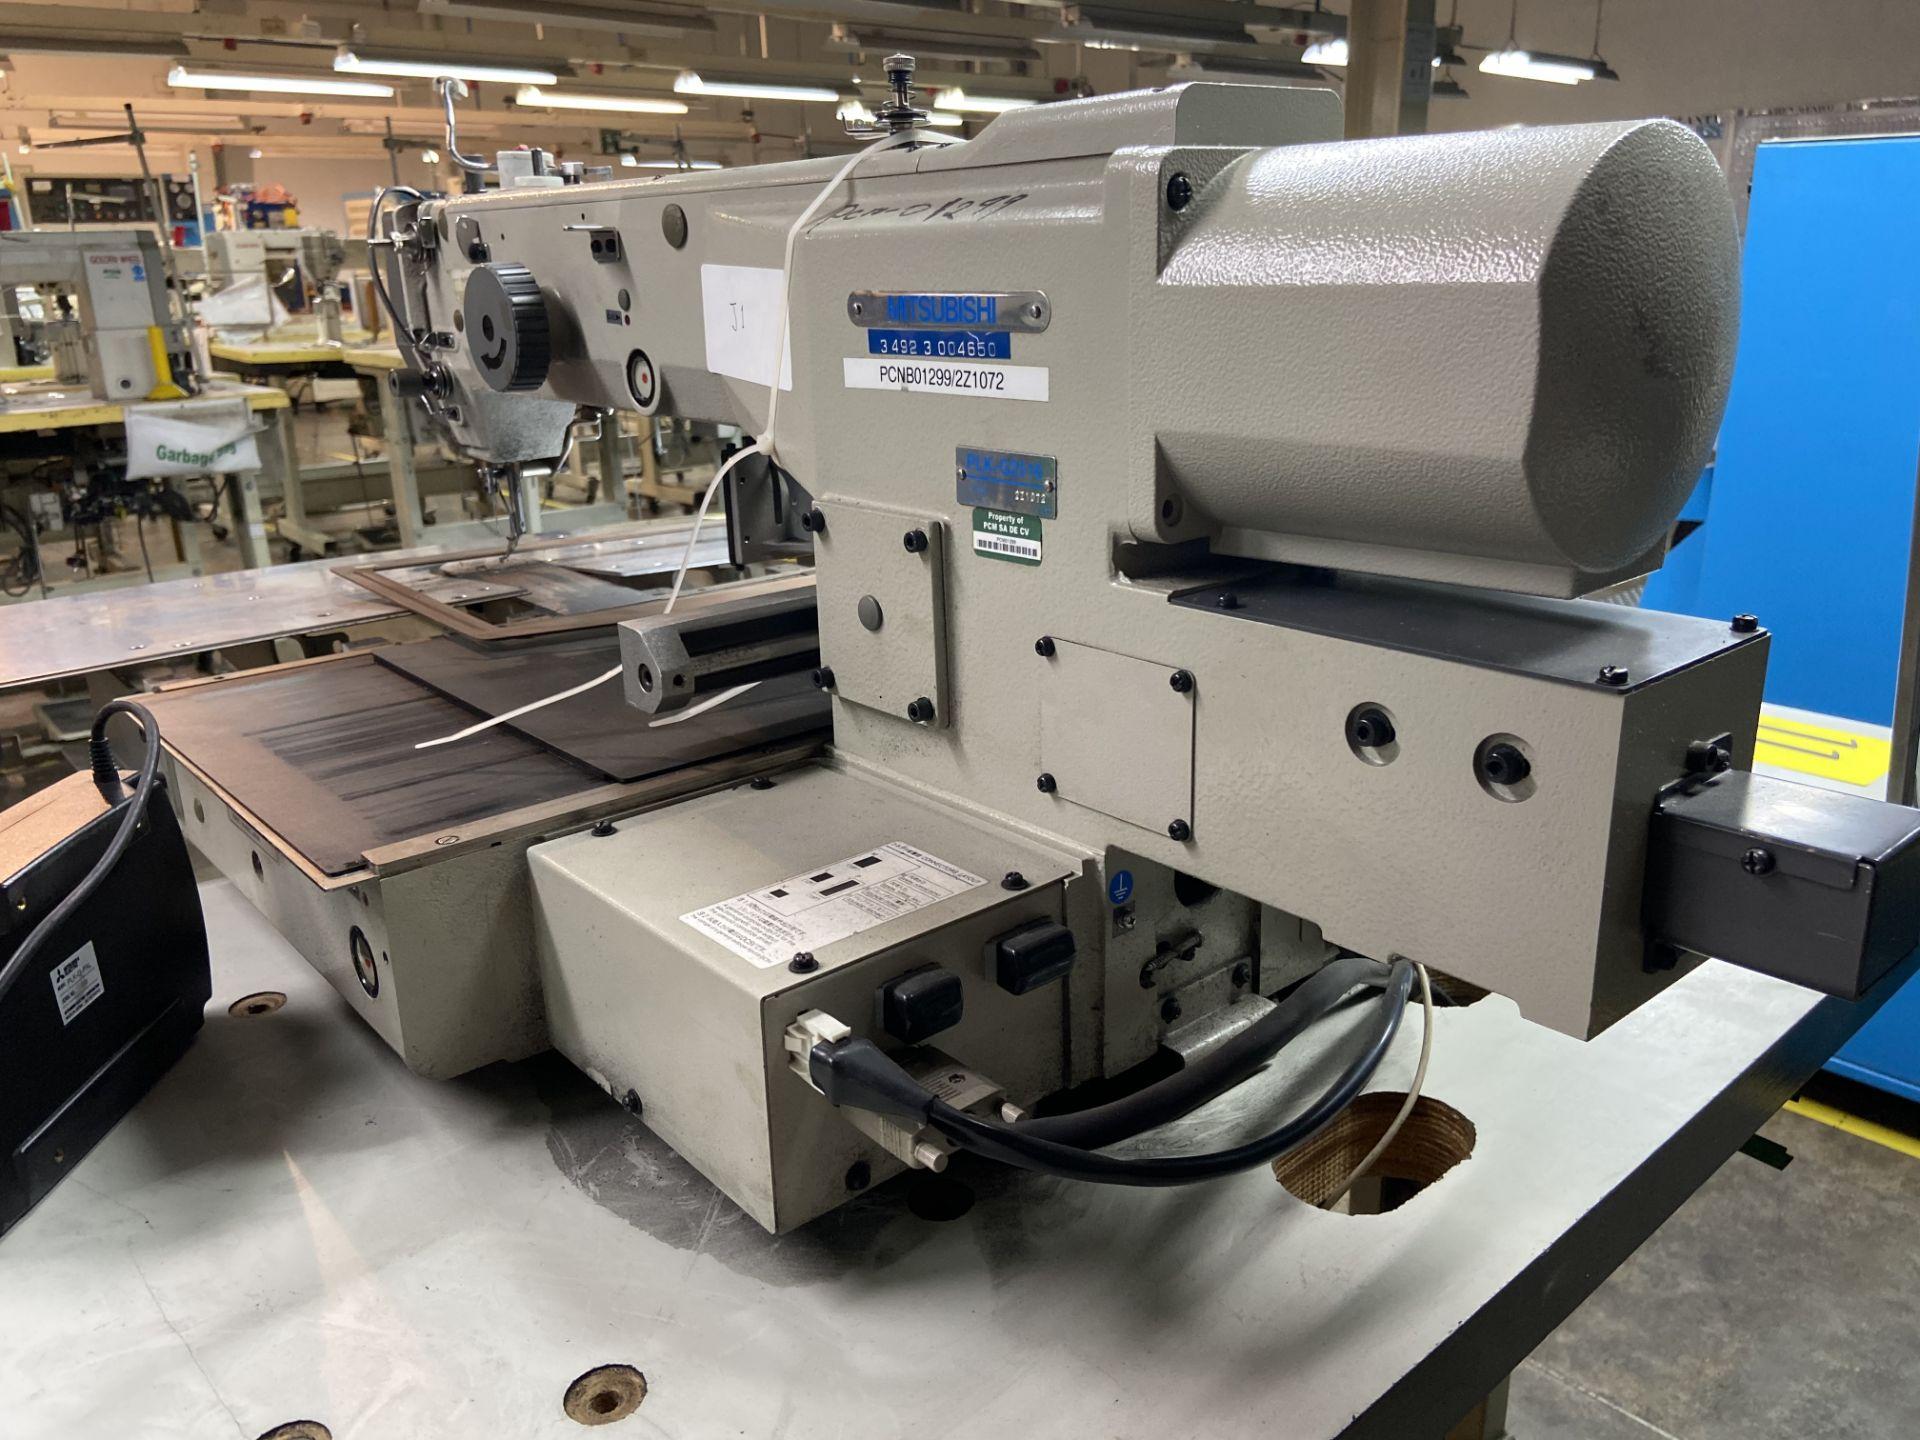 Lot 11 - Máquina de costura programable marca Mitsubishi de una aguja, Modelo: PLK-G2516